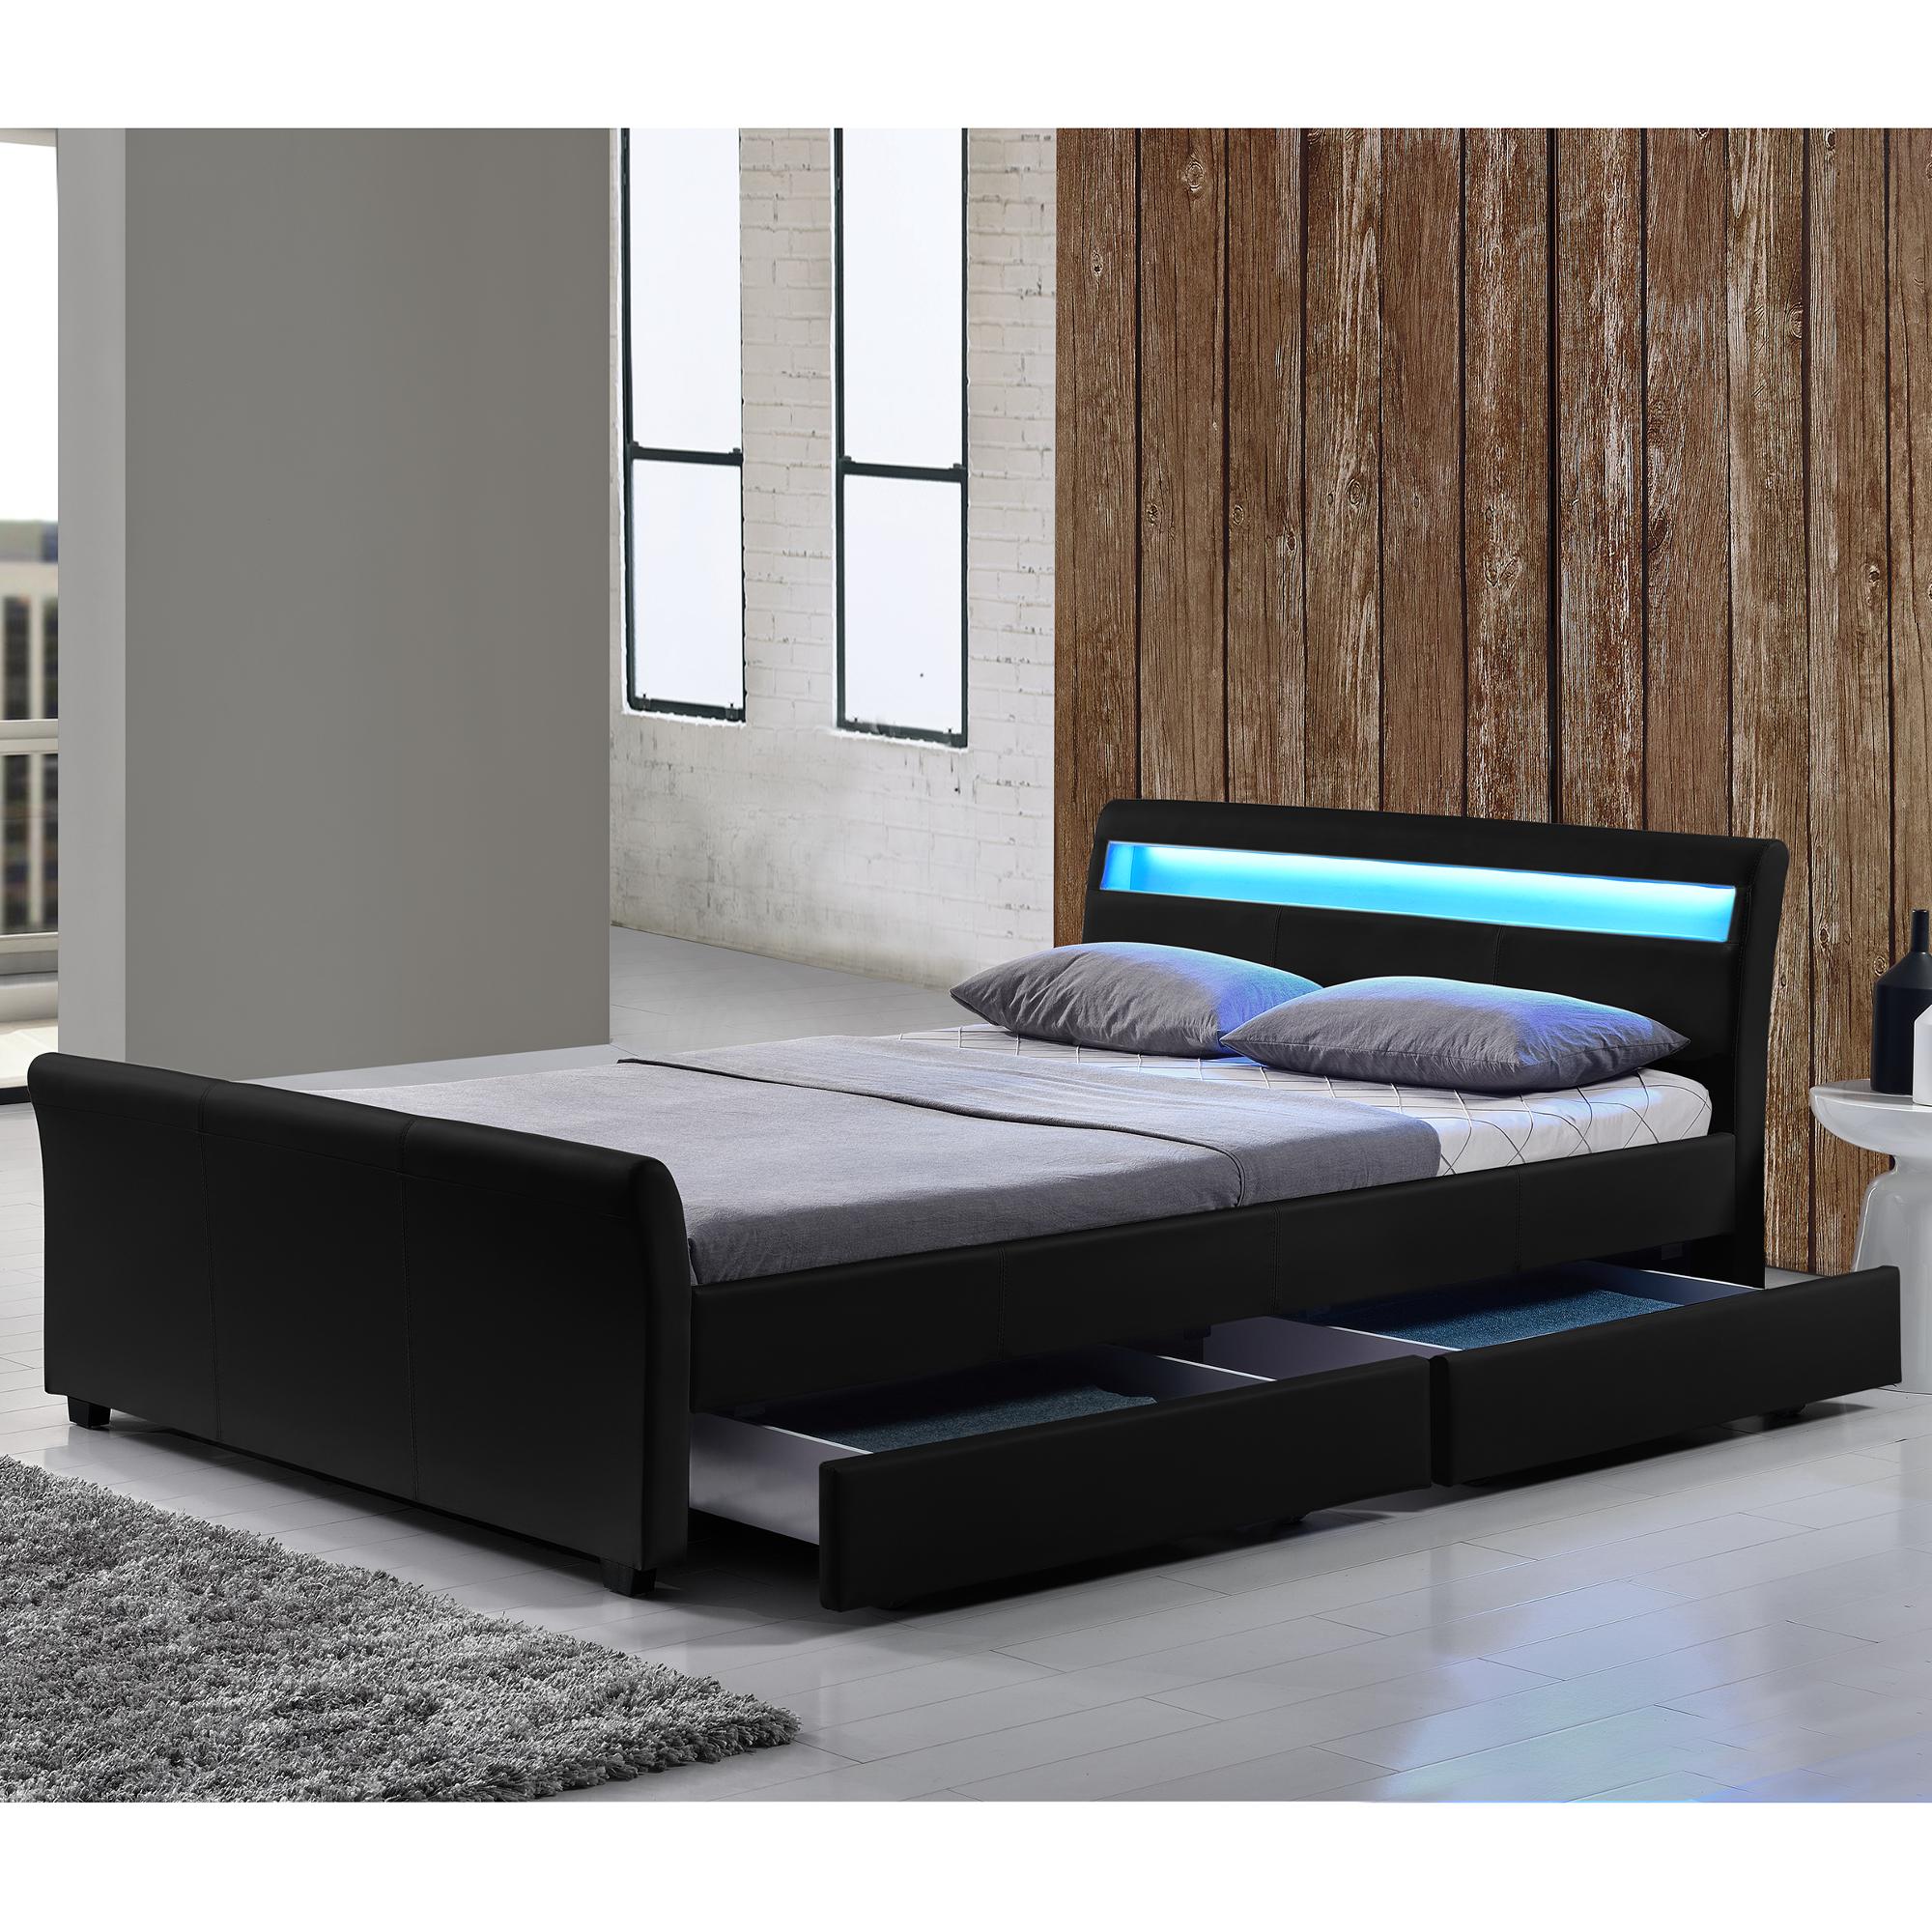 neuholz nachttisch mit schublade wei kunstleder. Black Bedroom Furniture Sets. Home Design Ideas